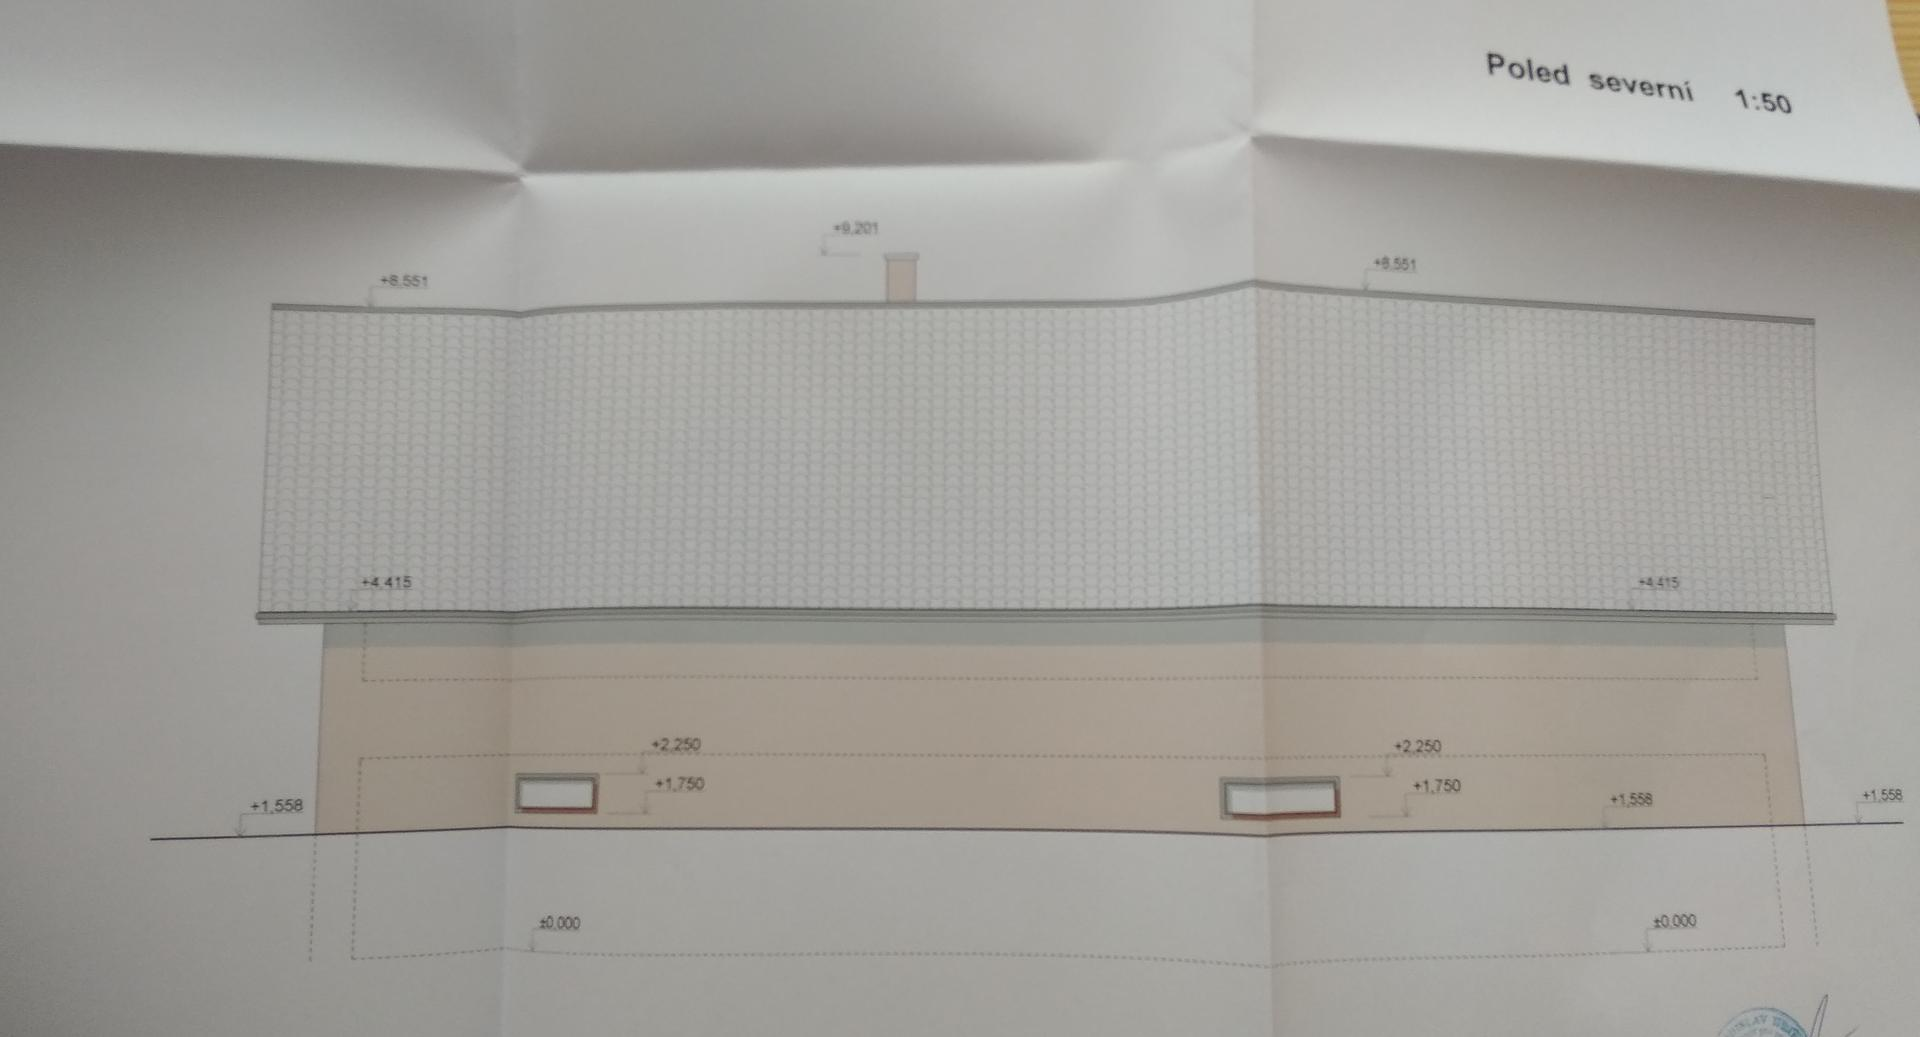 Hrubá stavba - Předpokládaný nový stav - severní pohled.   Vůbec netušíme jaká bude fasáda. Střecha bude Tondach Stodo 12 Amadeus černá (byla jsem přemluvena příznivou cenou a partnerem, mně se líbí červené tašky).